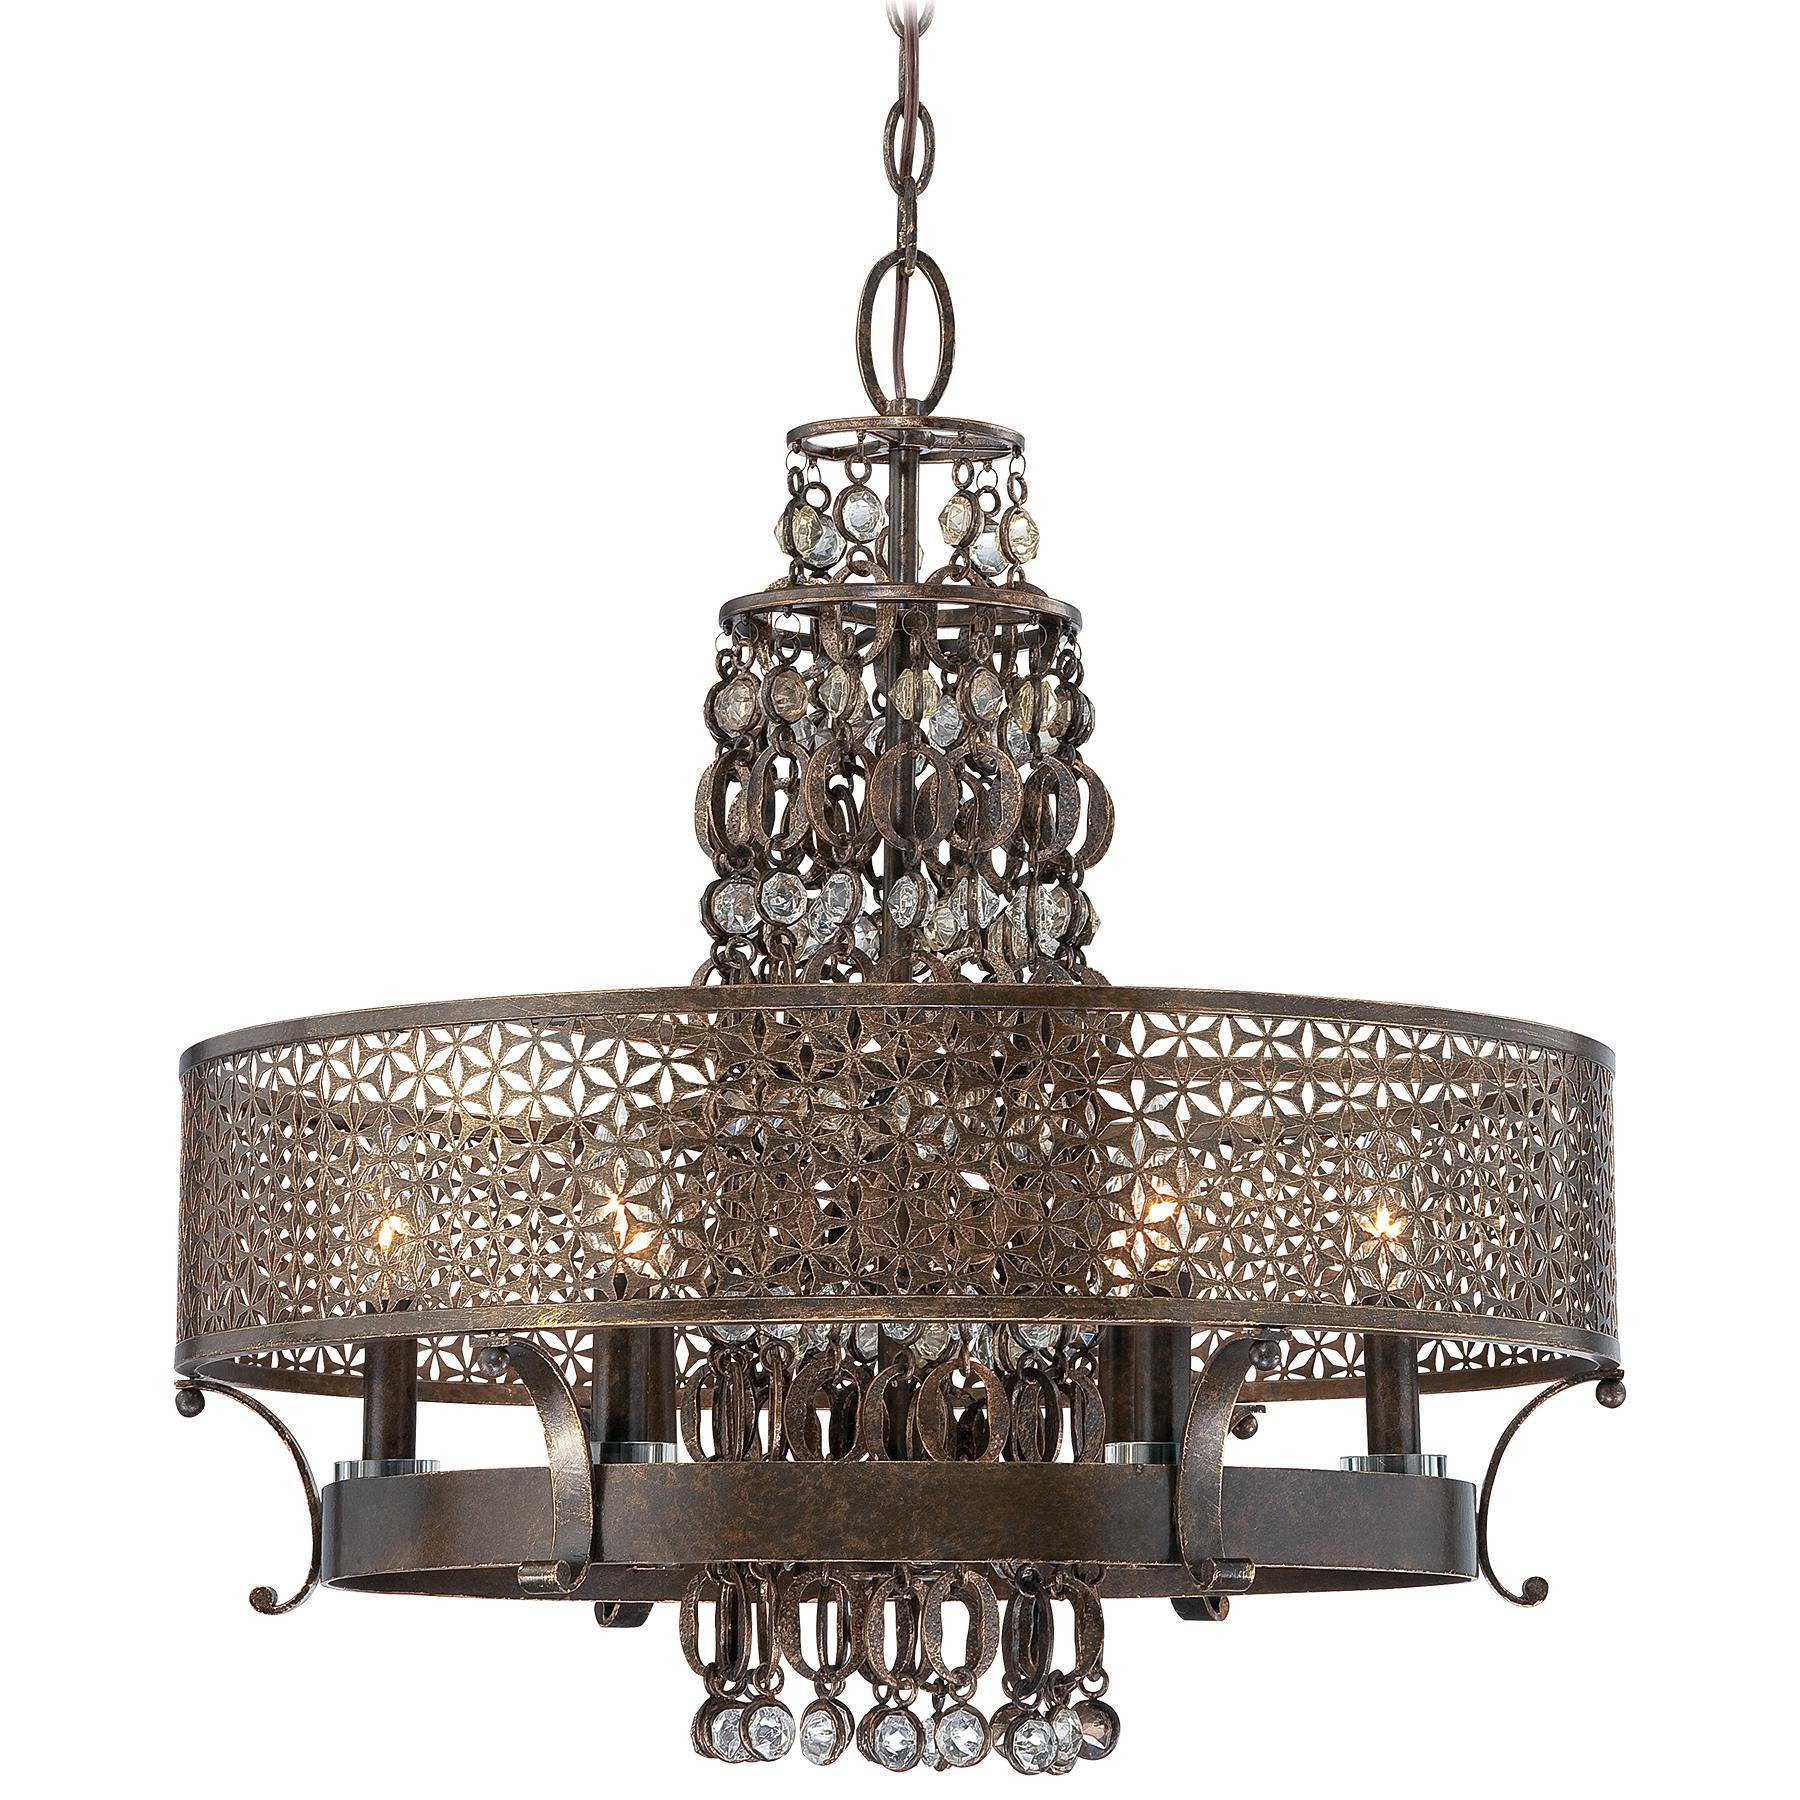 Chandelier by metropolitan lighting n6725 258 ajourer chandelier by metropolitan lighting n6725 258 arubaitofo Gallery